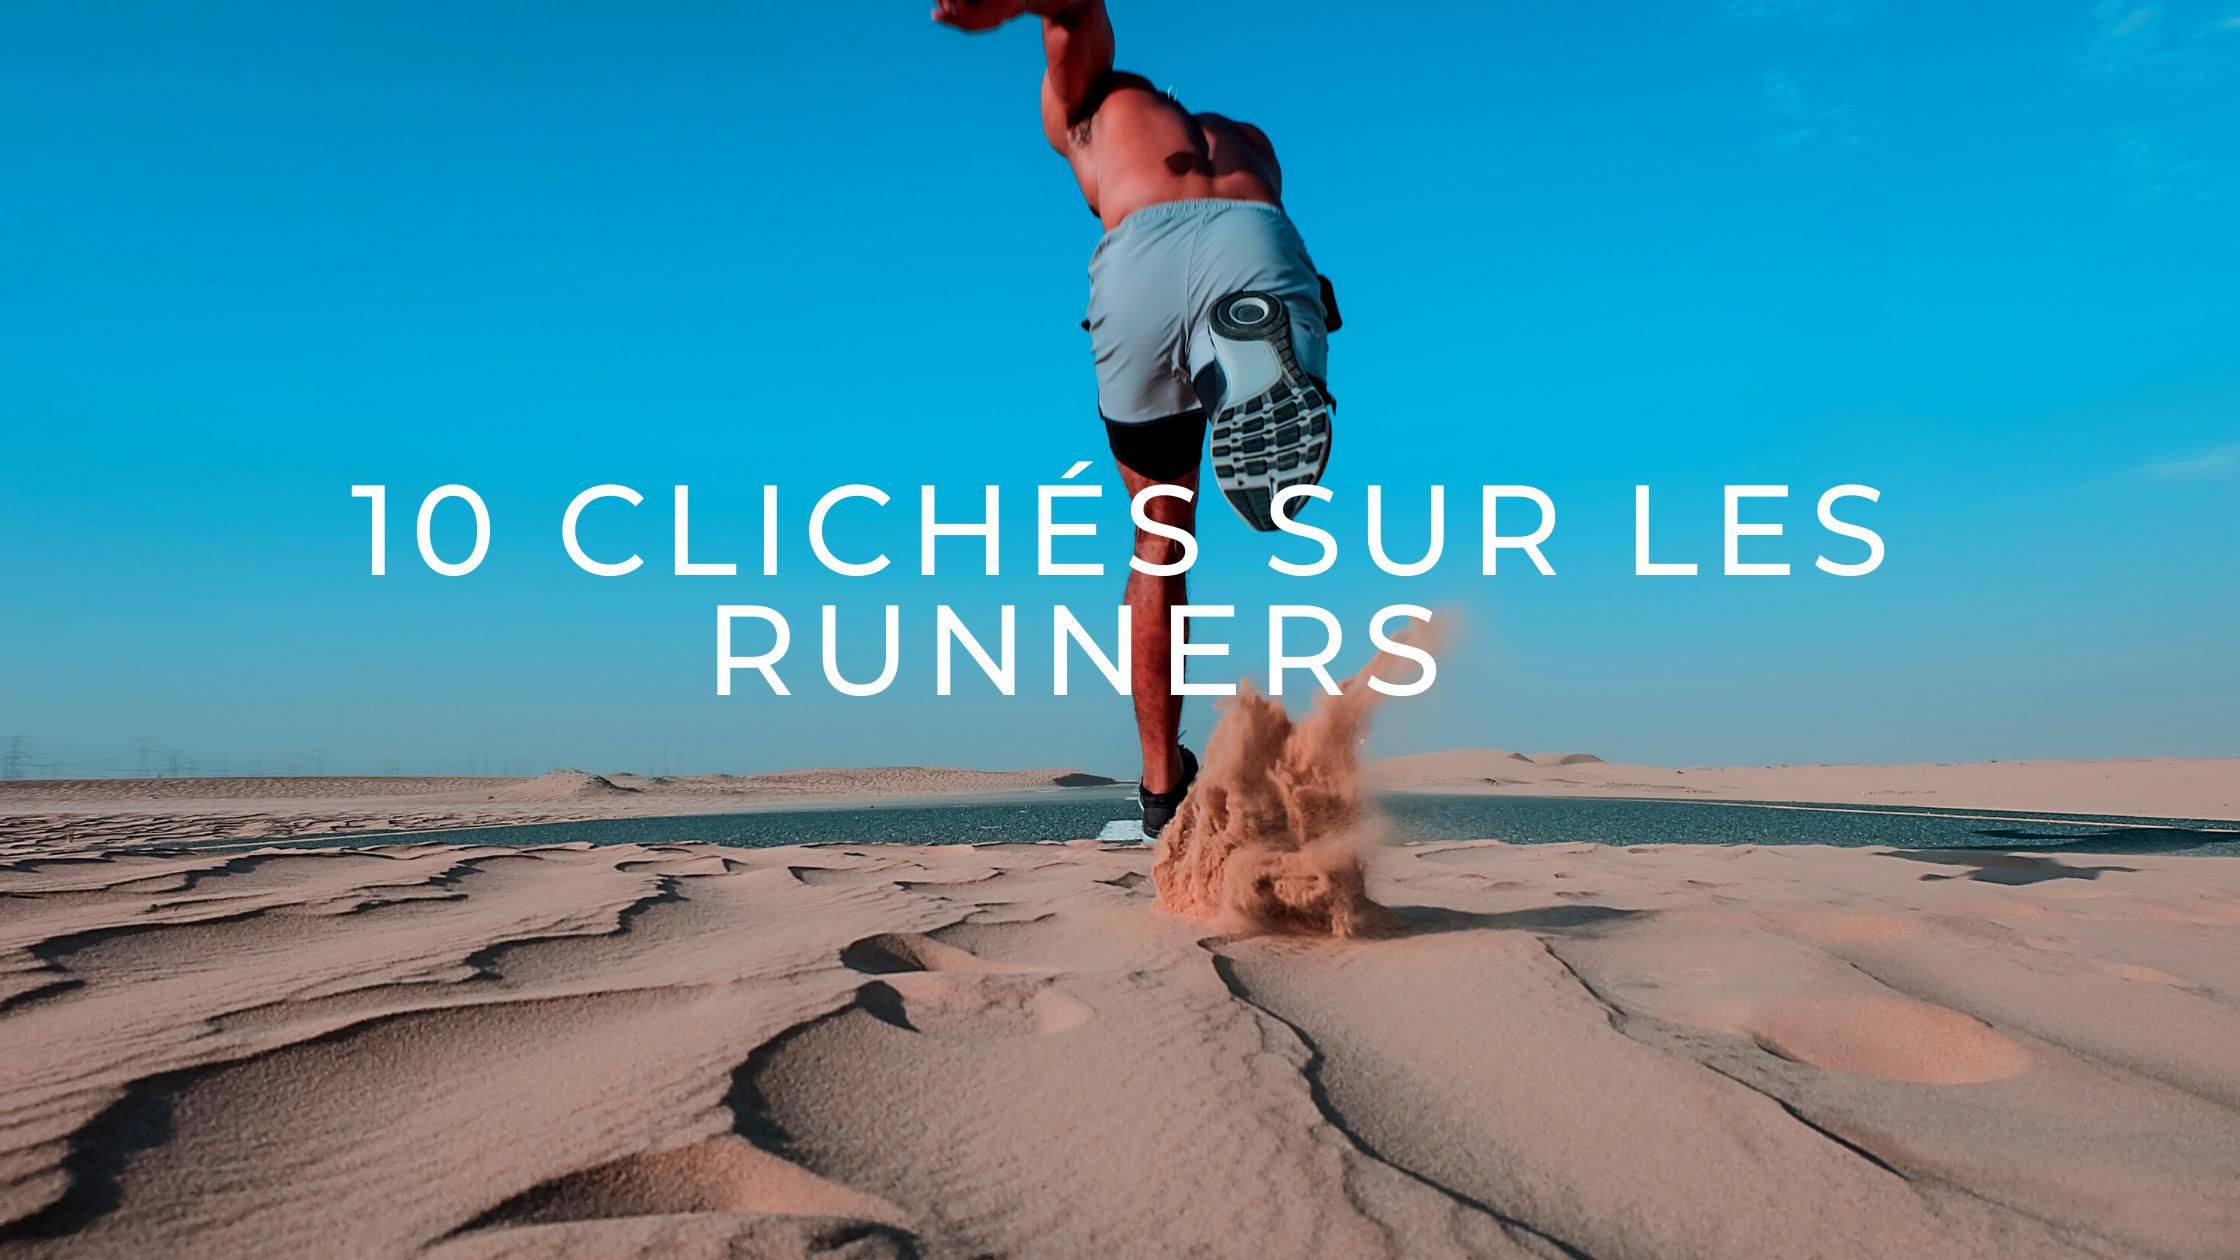 10 clichés sur les runners